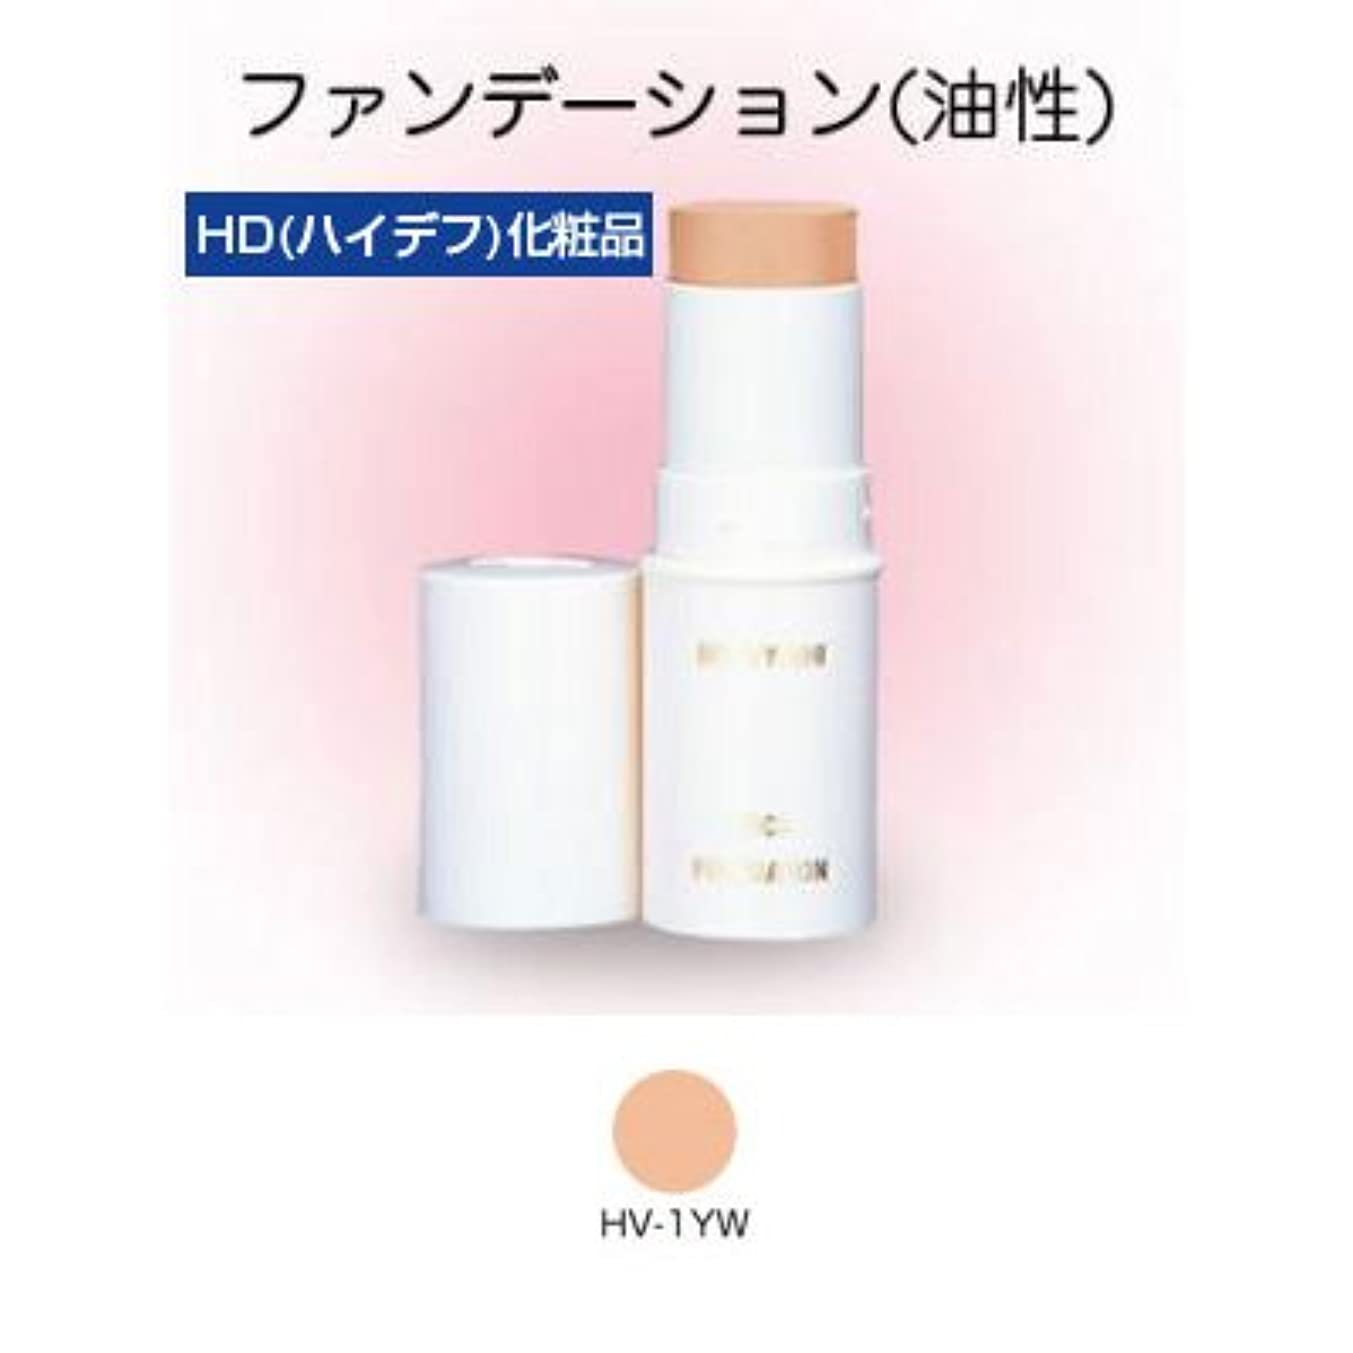 メンターシャイ分析スティックファンデーション HD化粧品 17g 1YW 【三善】